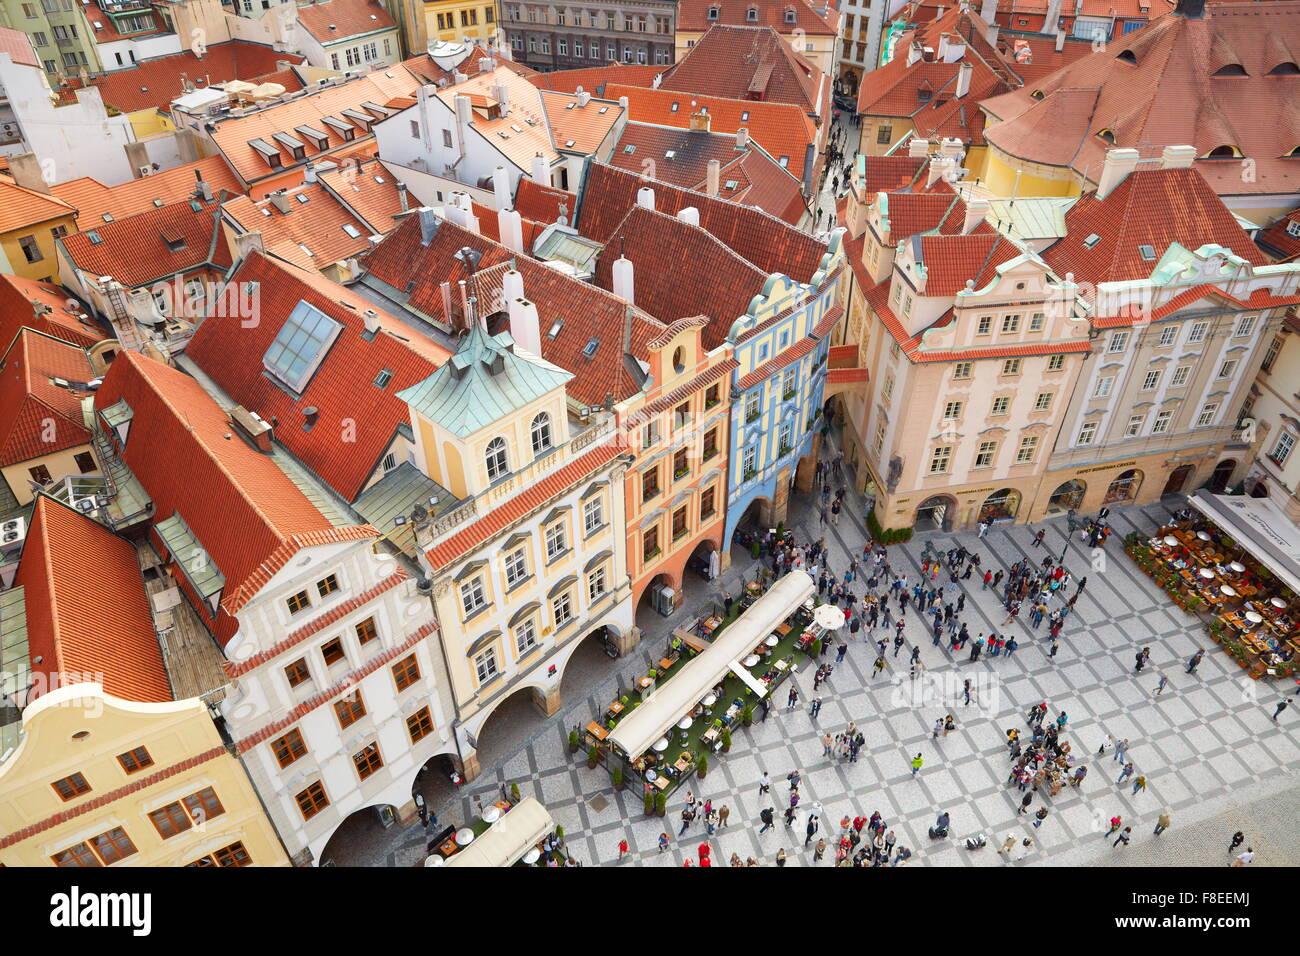 Ariel vista della Piazza della Città Vecchia di Praga, Repubblica Ceca, UNESCO Immagini Stock